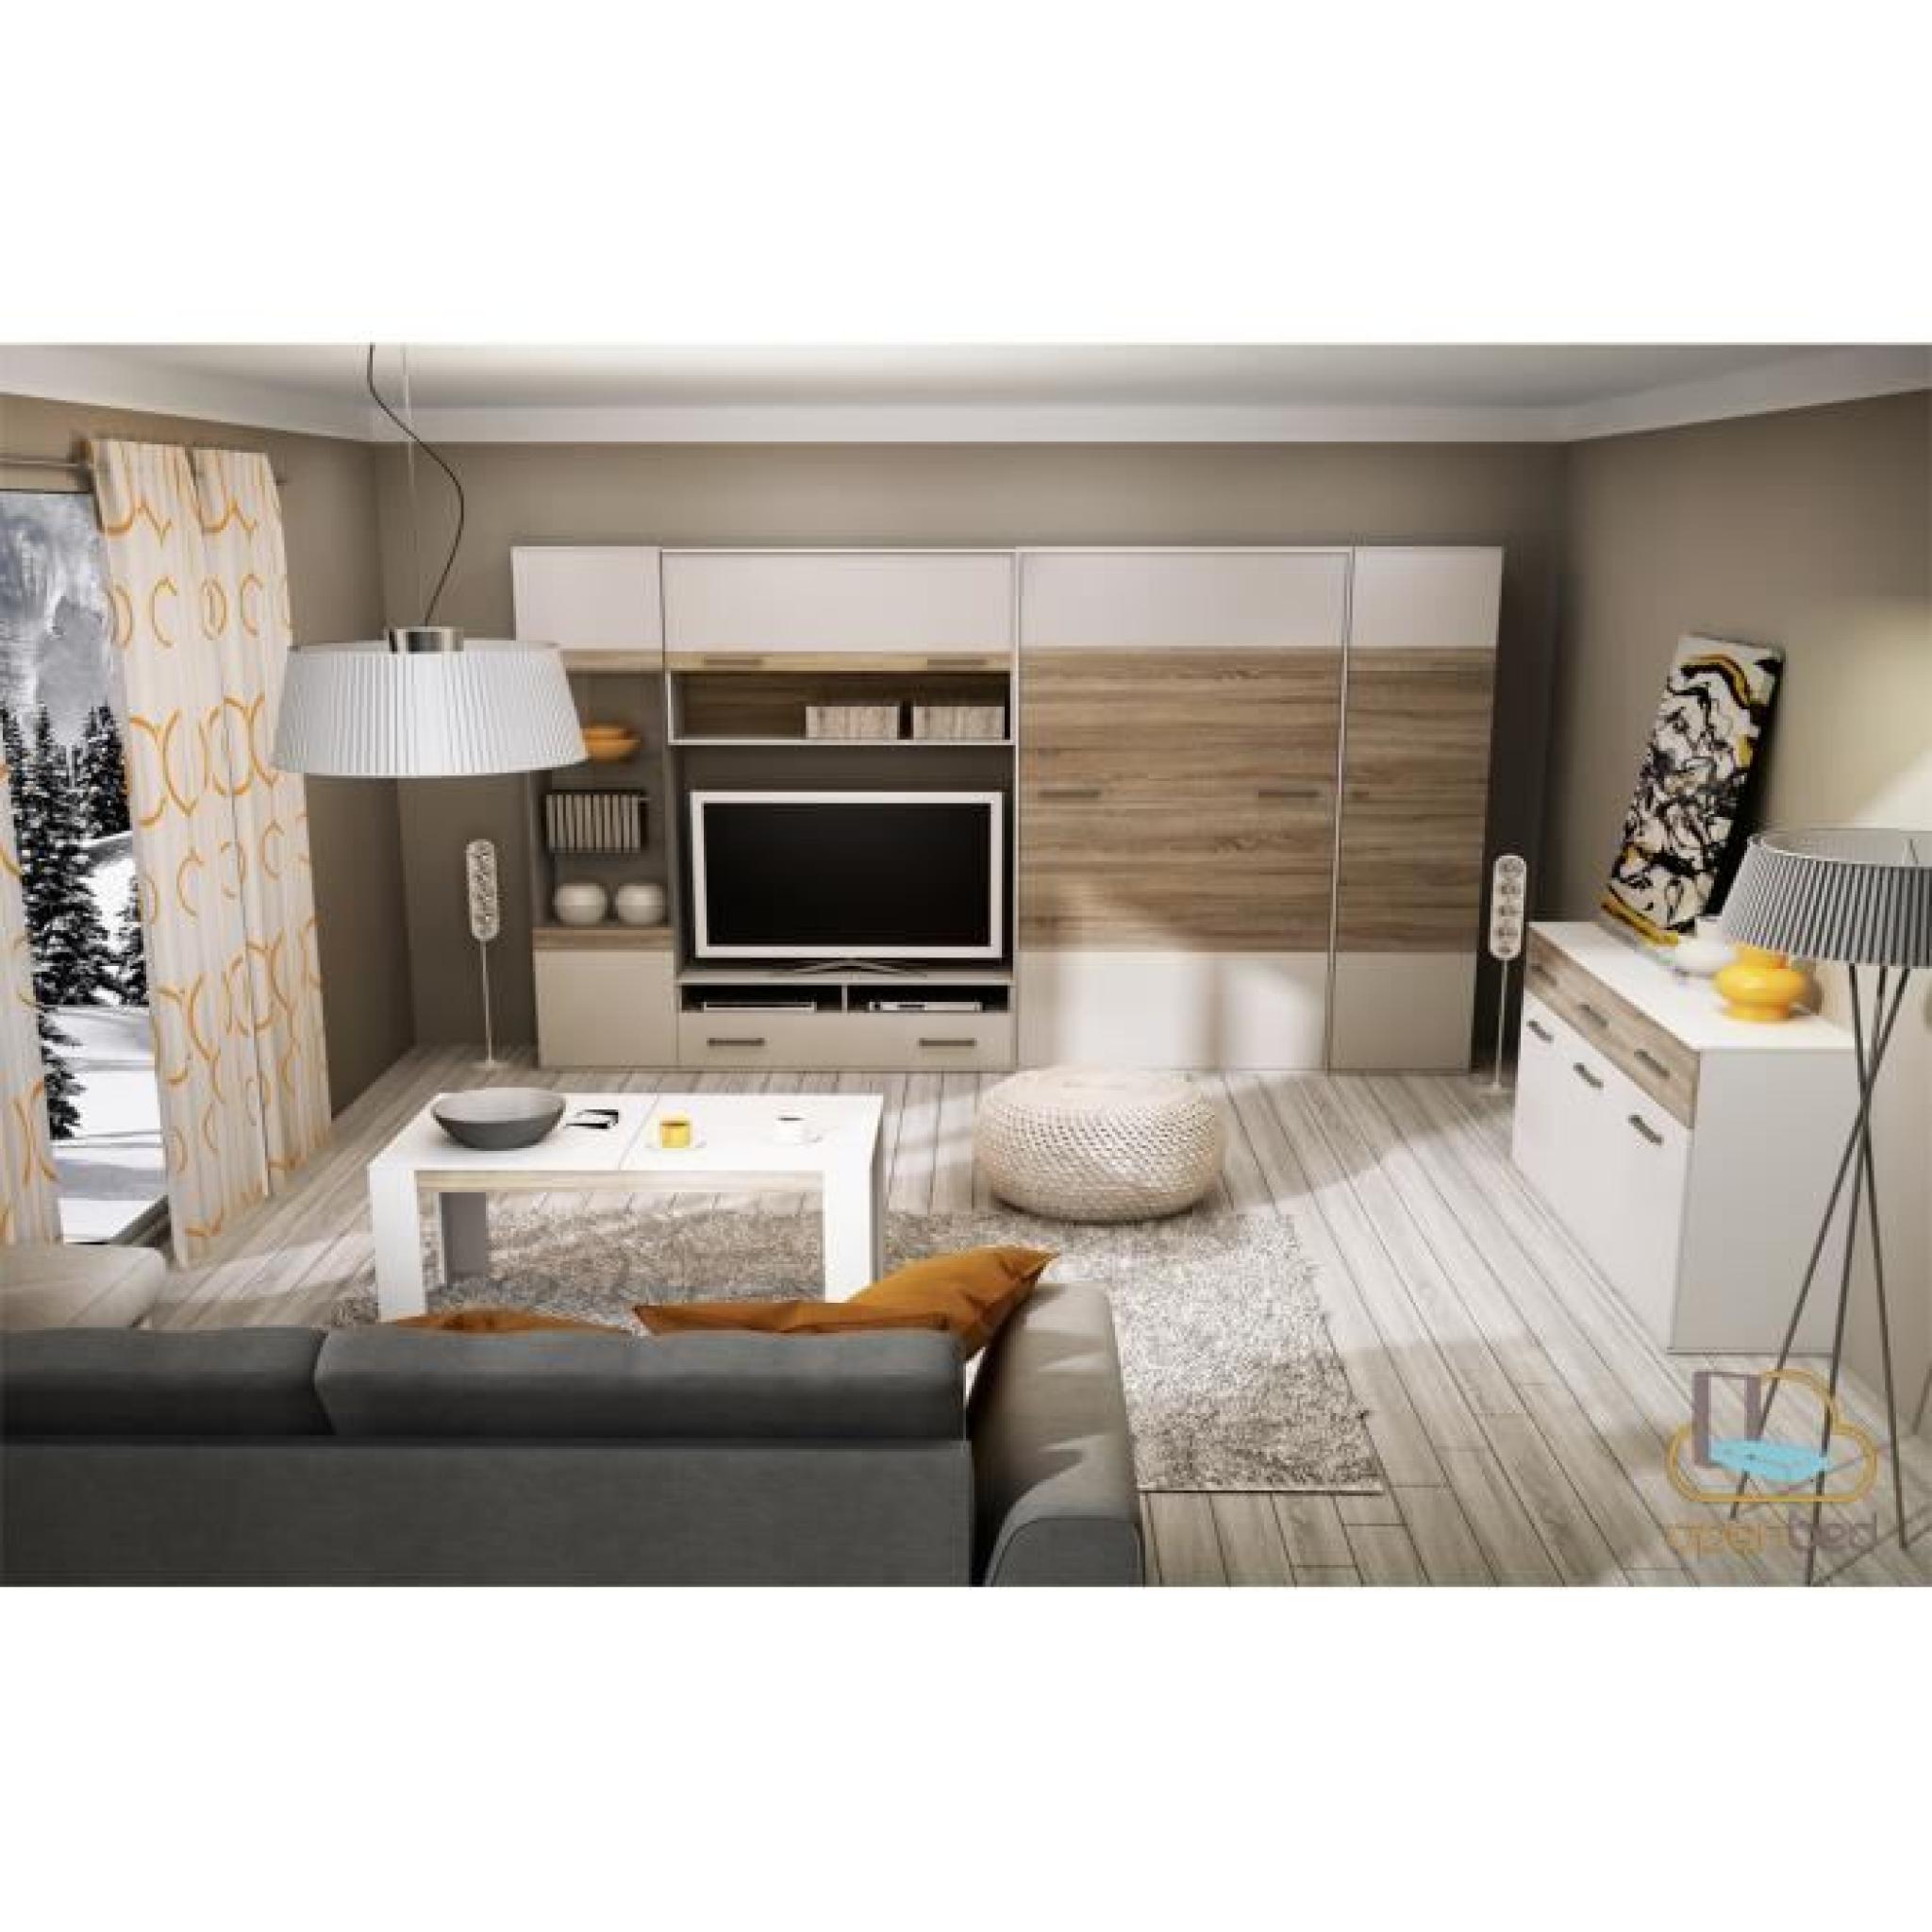 lit escamotable vertical faro 140 200 achat vente chambre complete pas cher couleur et. Black Bedroom Furniture Sets. Home Design Ideas